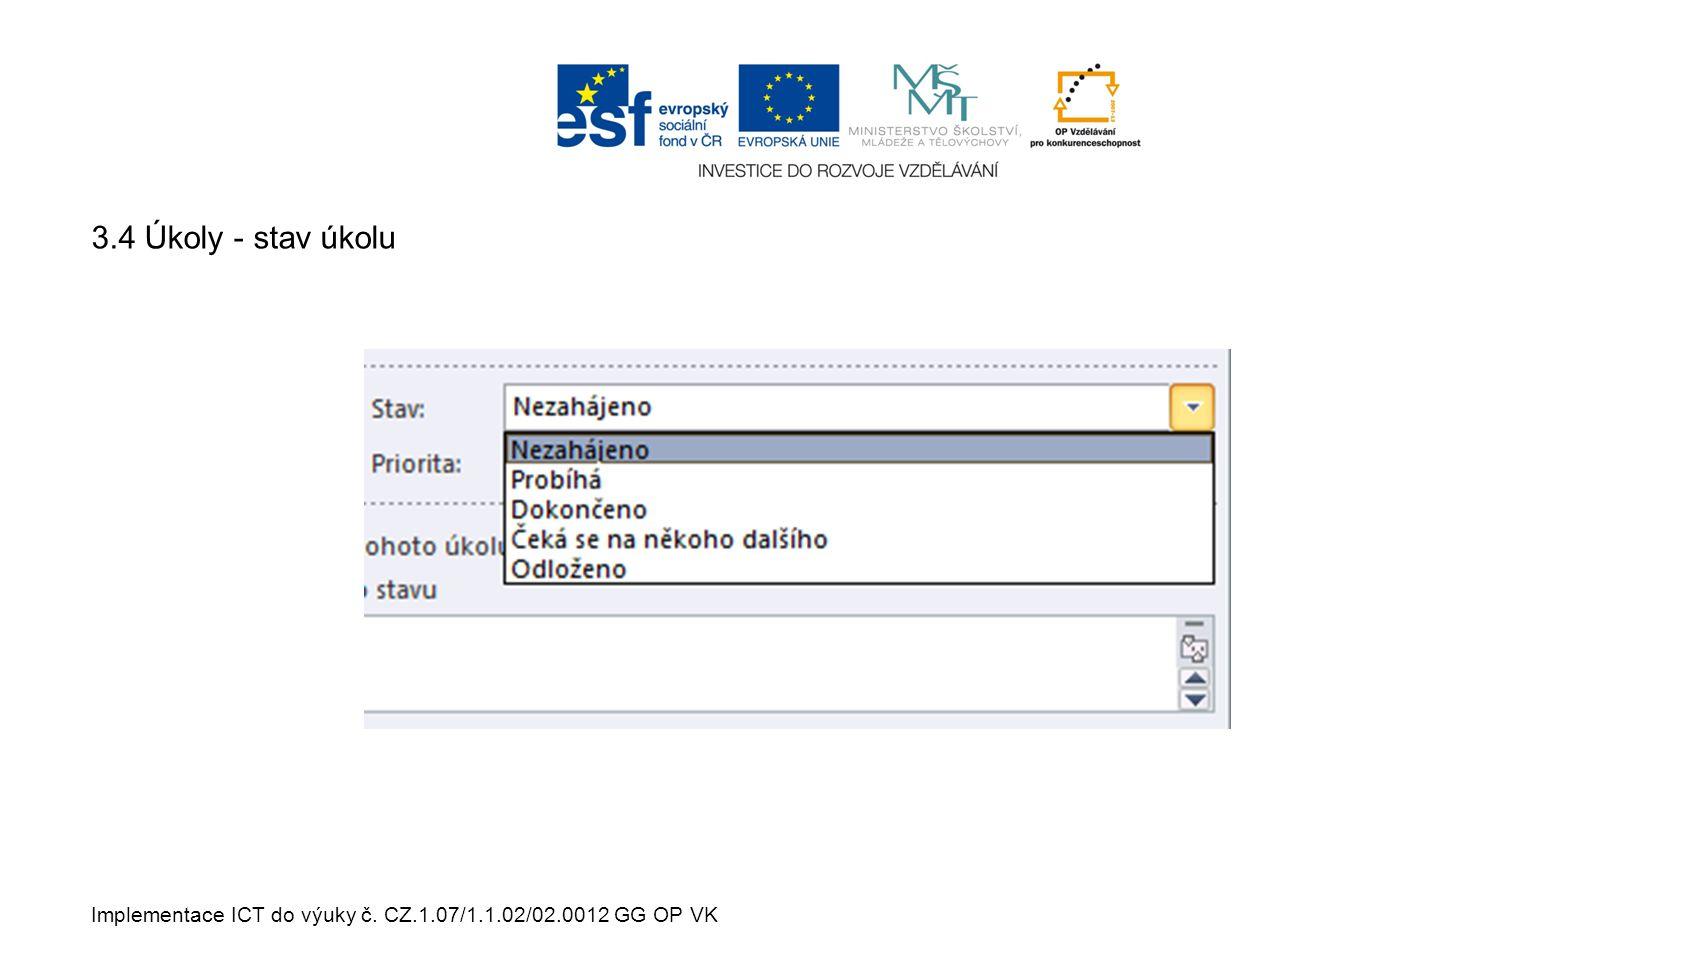 Implementace ICT do výuky č. CZ.1.07/1.1.02/02.0012 GG OP VK 3.4 Úkoly - stav úkolu